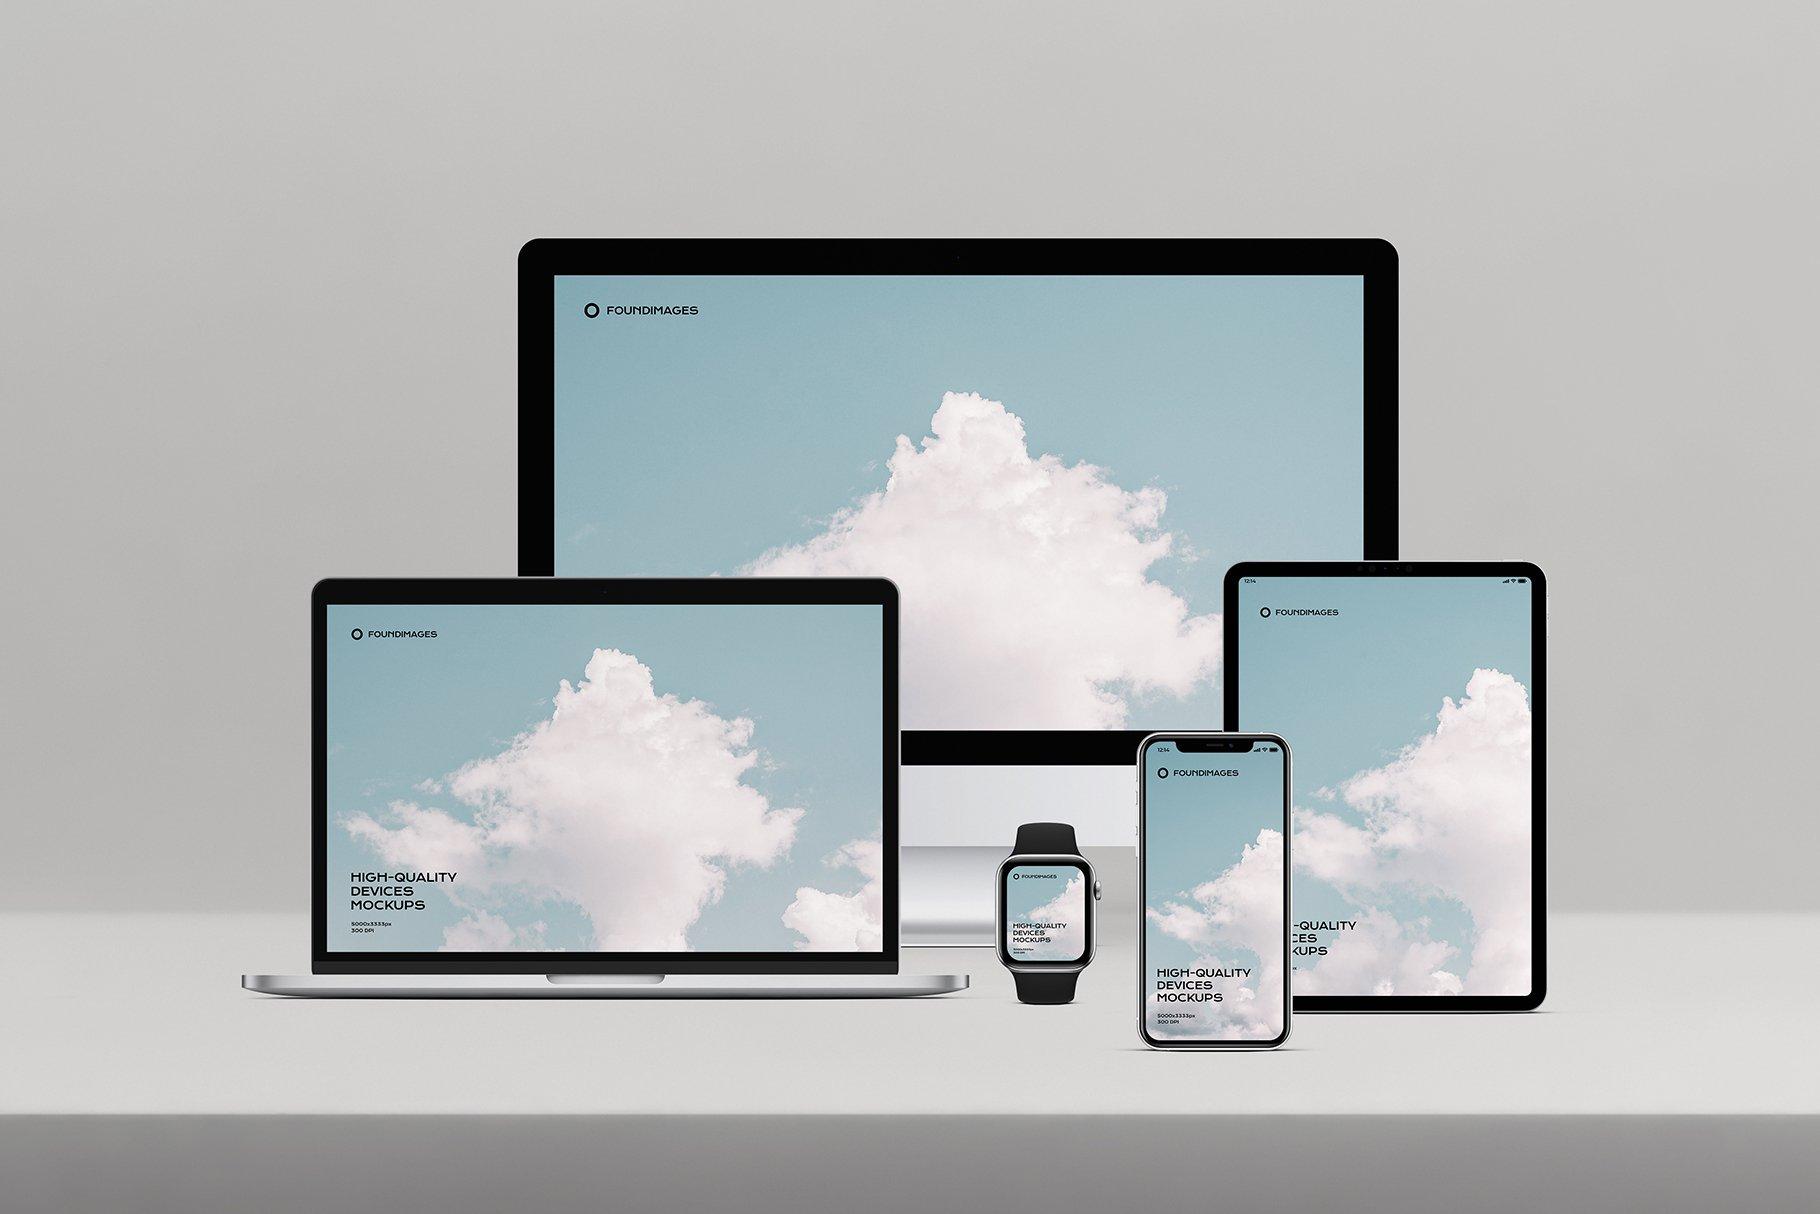 苹果系列设备多屏幕展示样机素材-正视图插图(9)